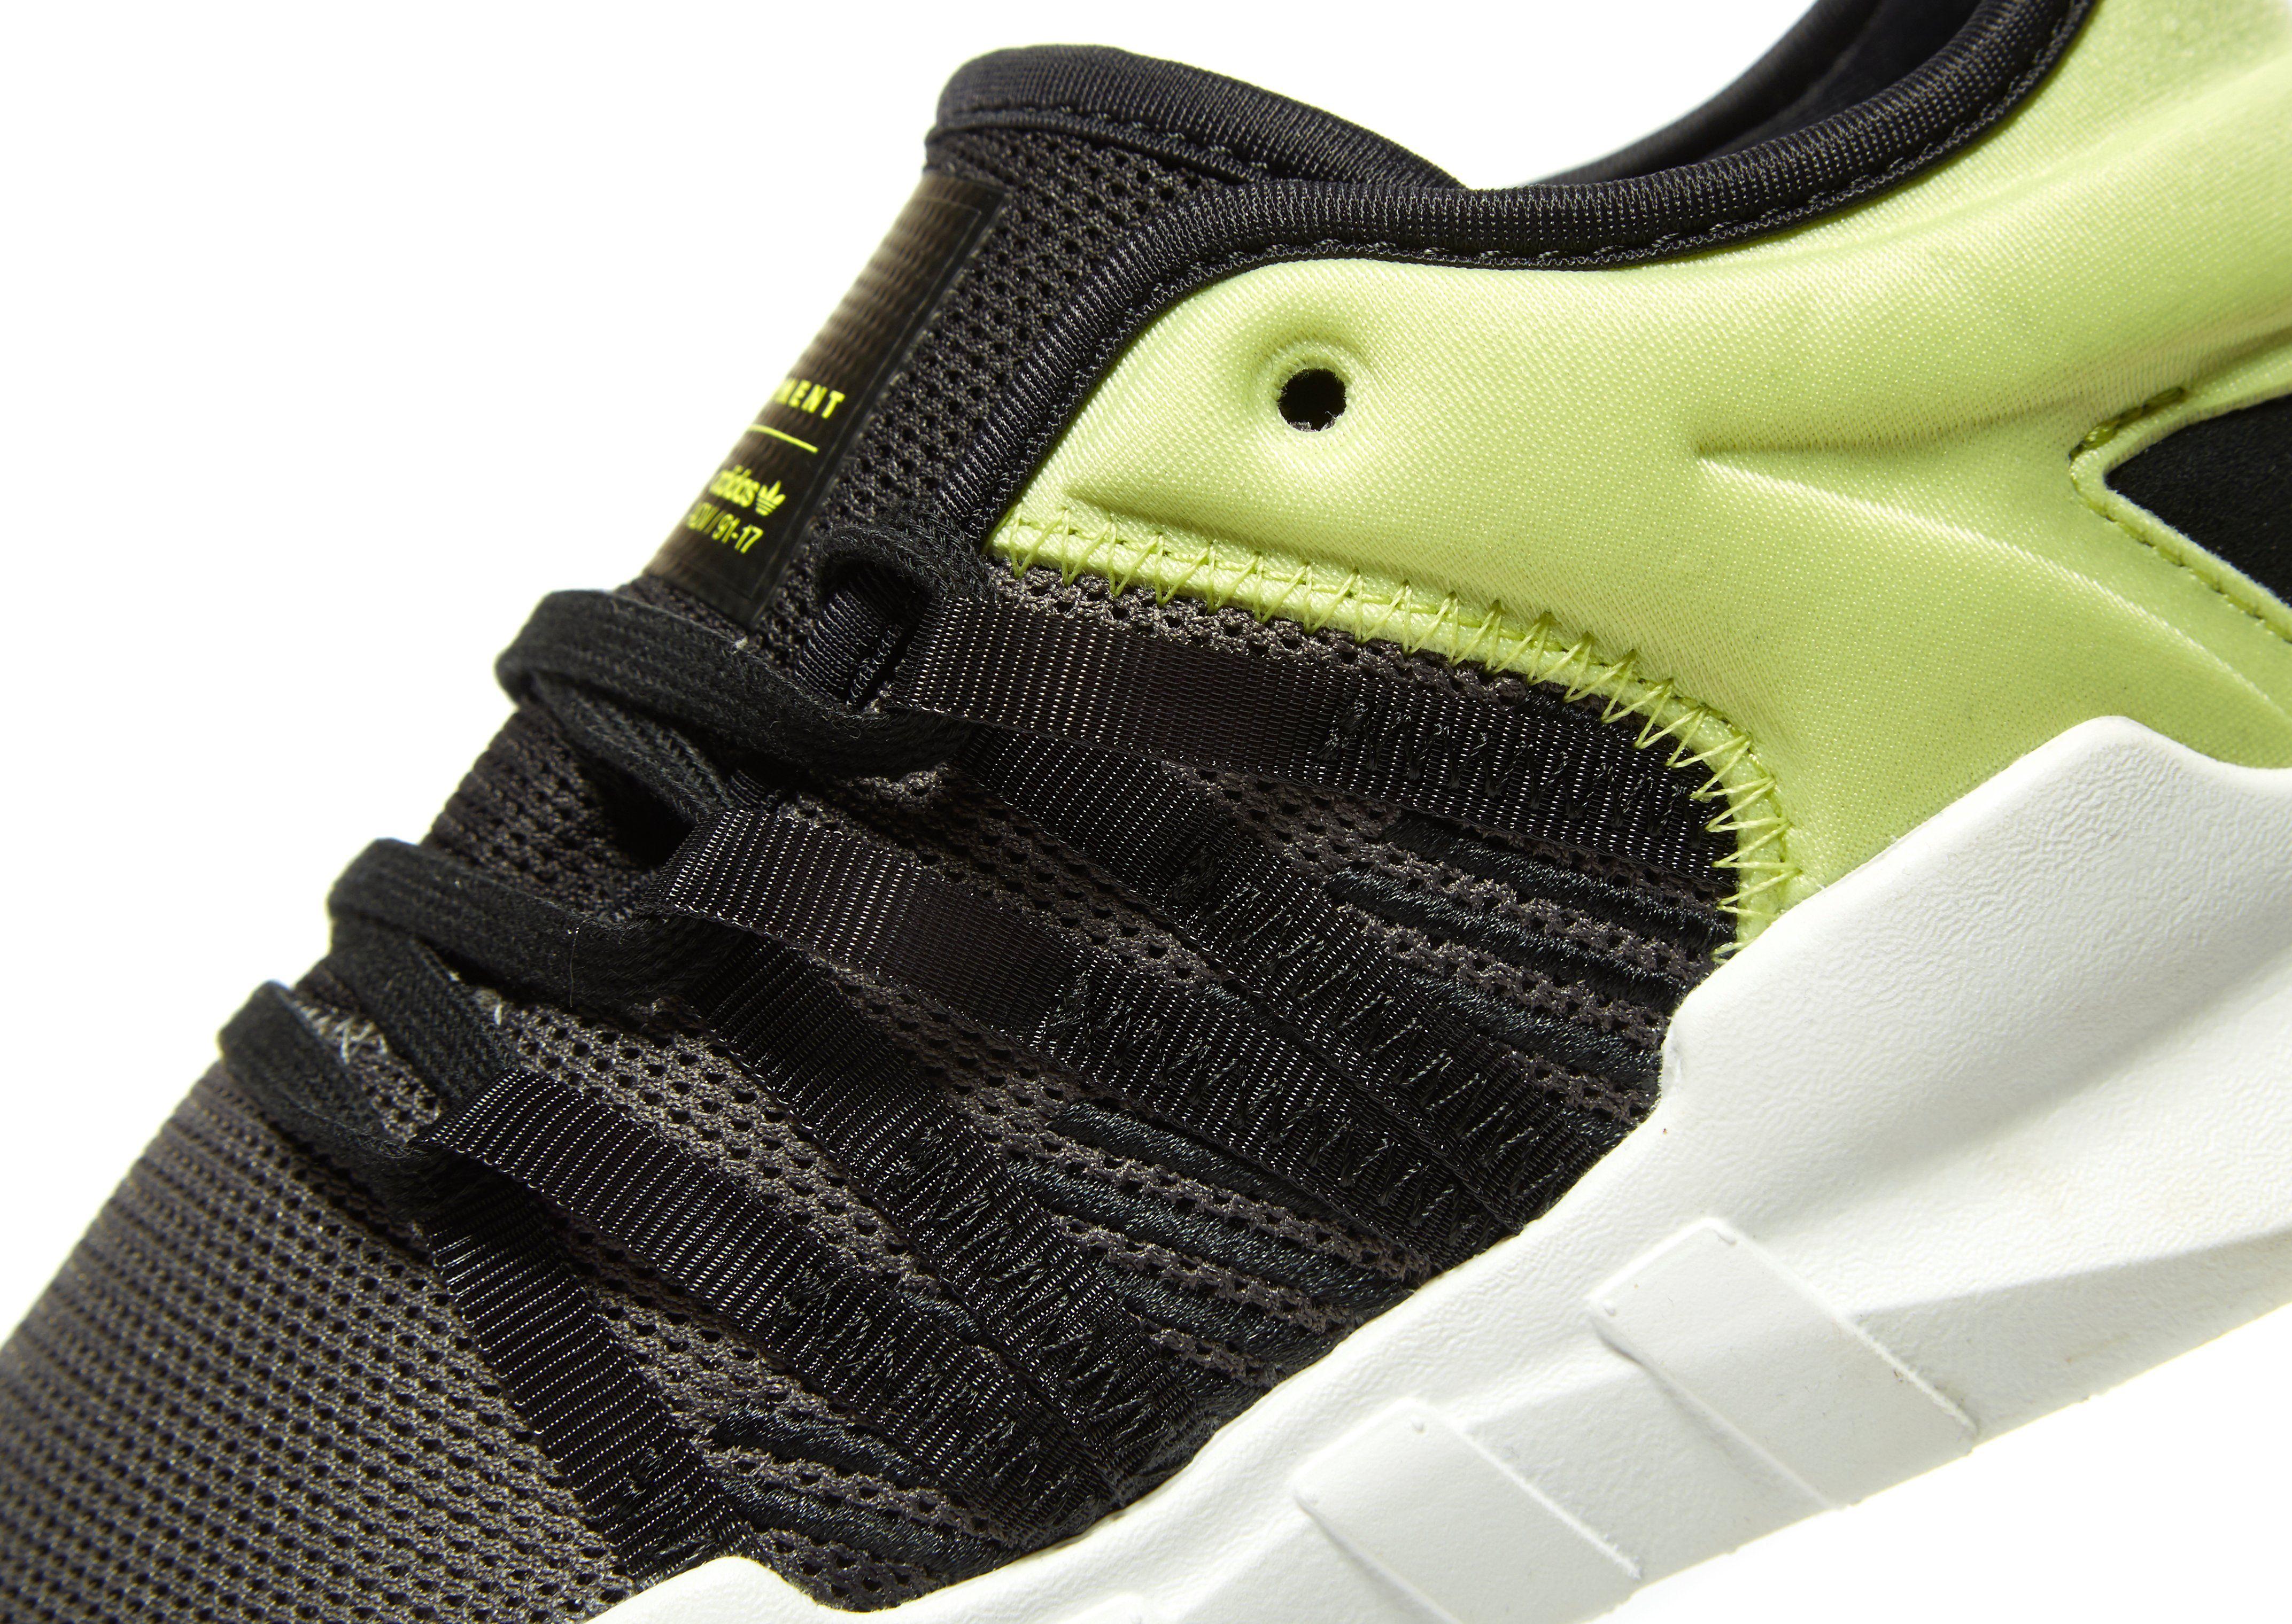 Gute Qualität Zum Verkauf Zum Verkauf adidas Originals EQT Racing Damen Grau Outlet Rabatt Günstig Kaufen Low-Cost 0bWhZiXuD